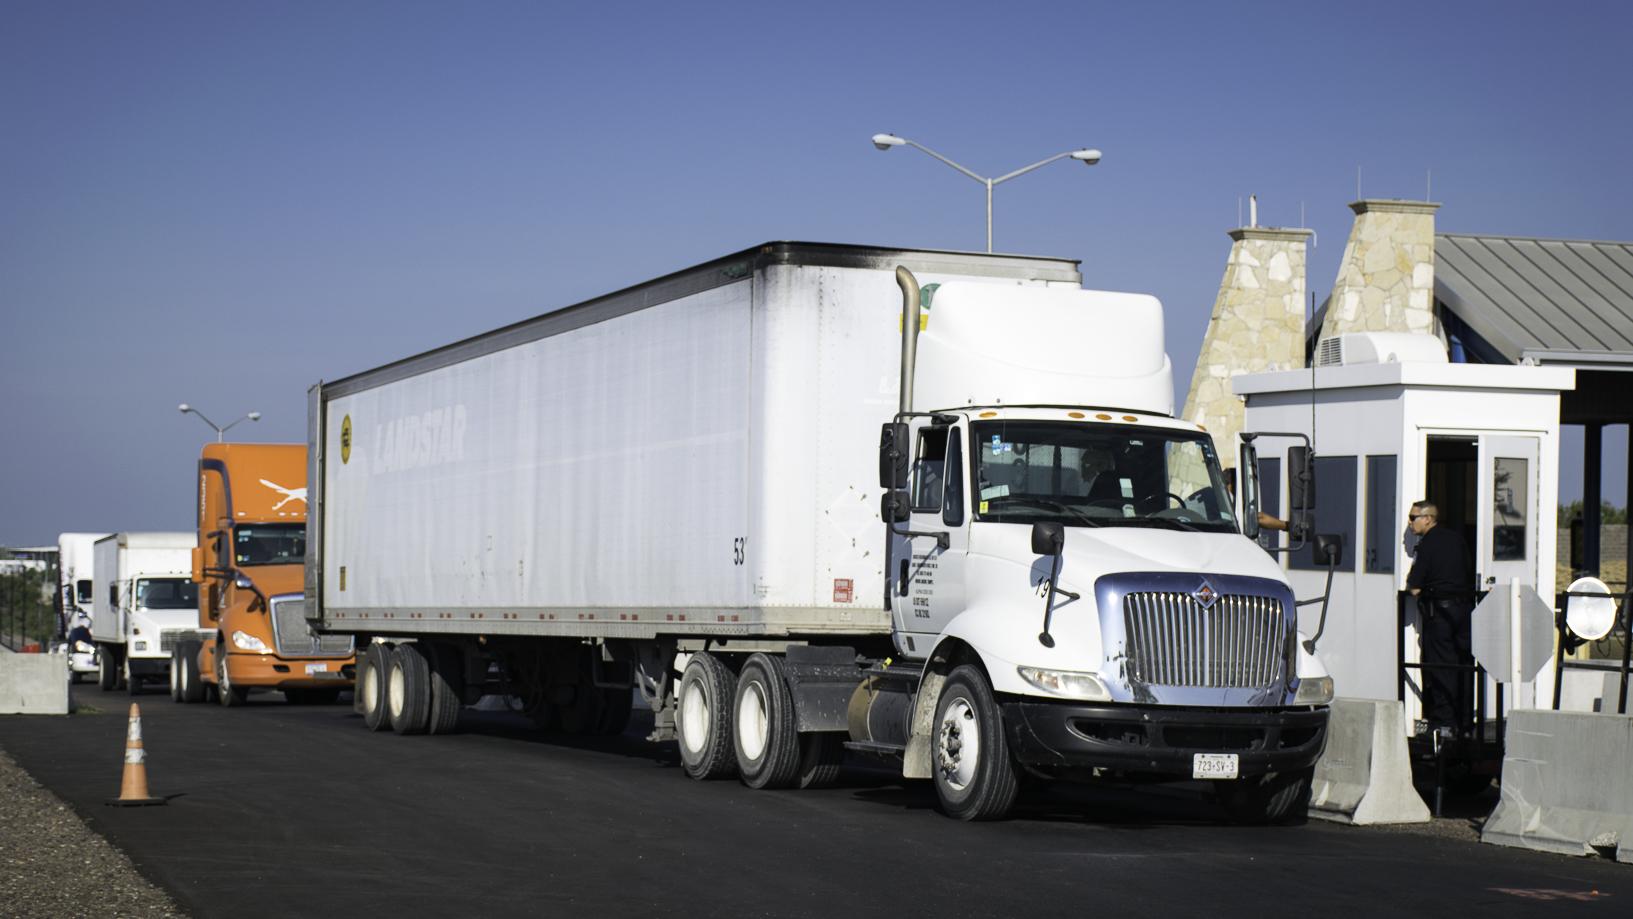 Truckers_are_seeing_1-1.jpg